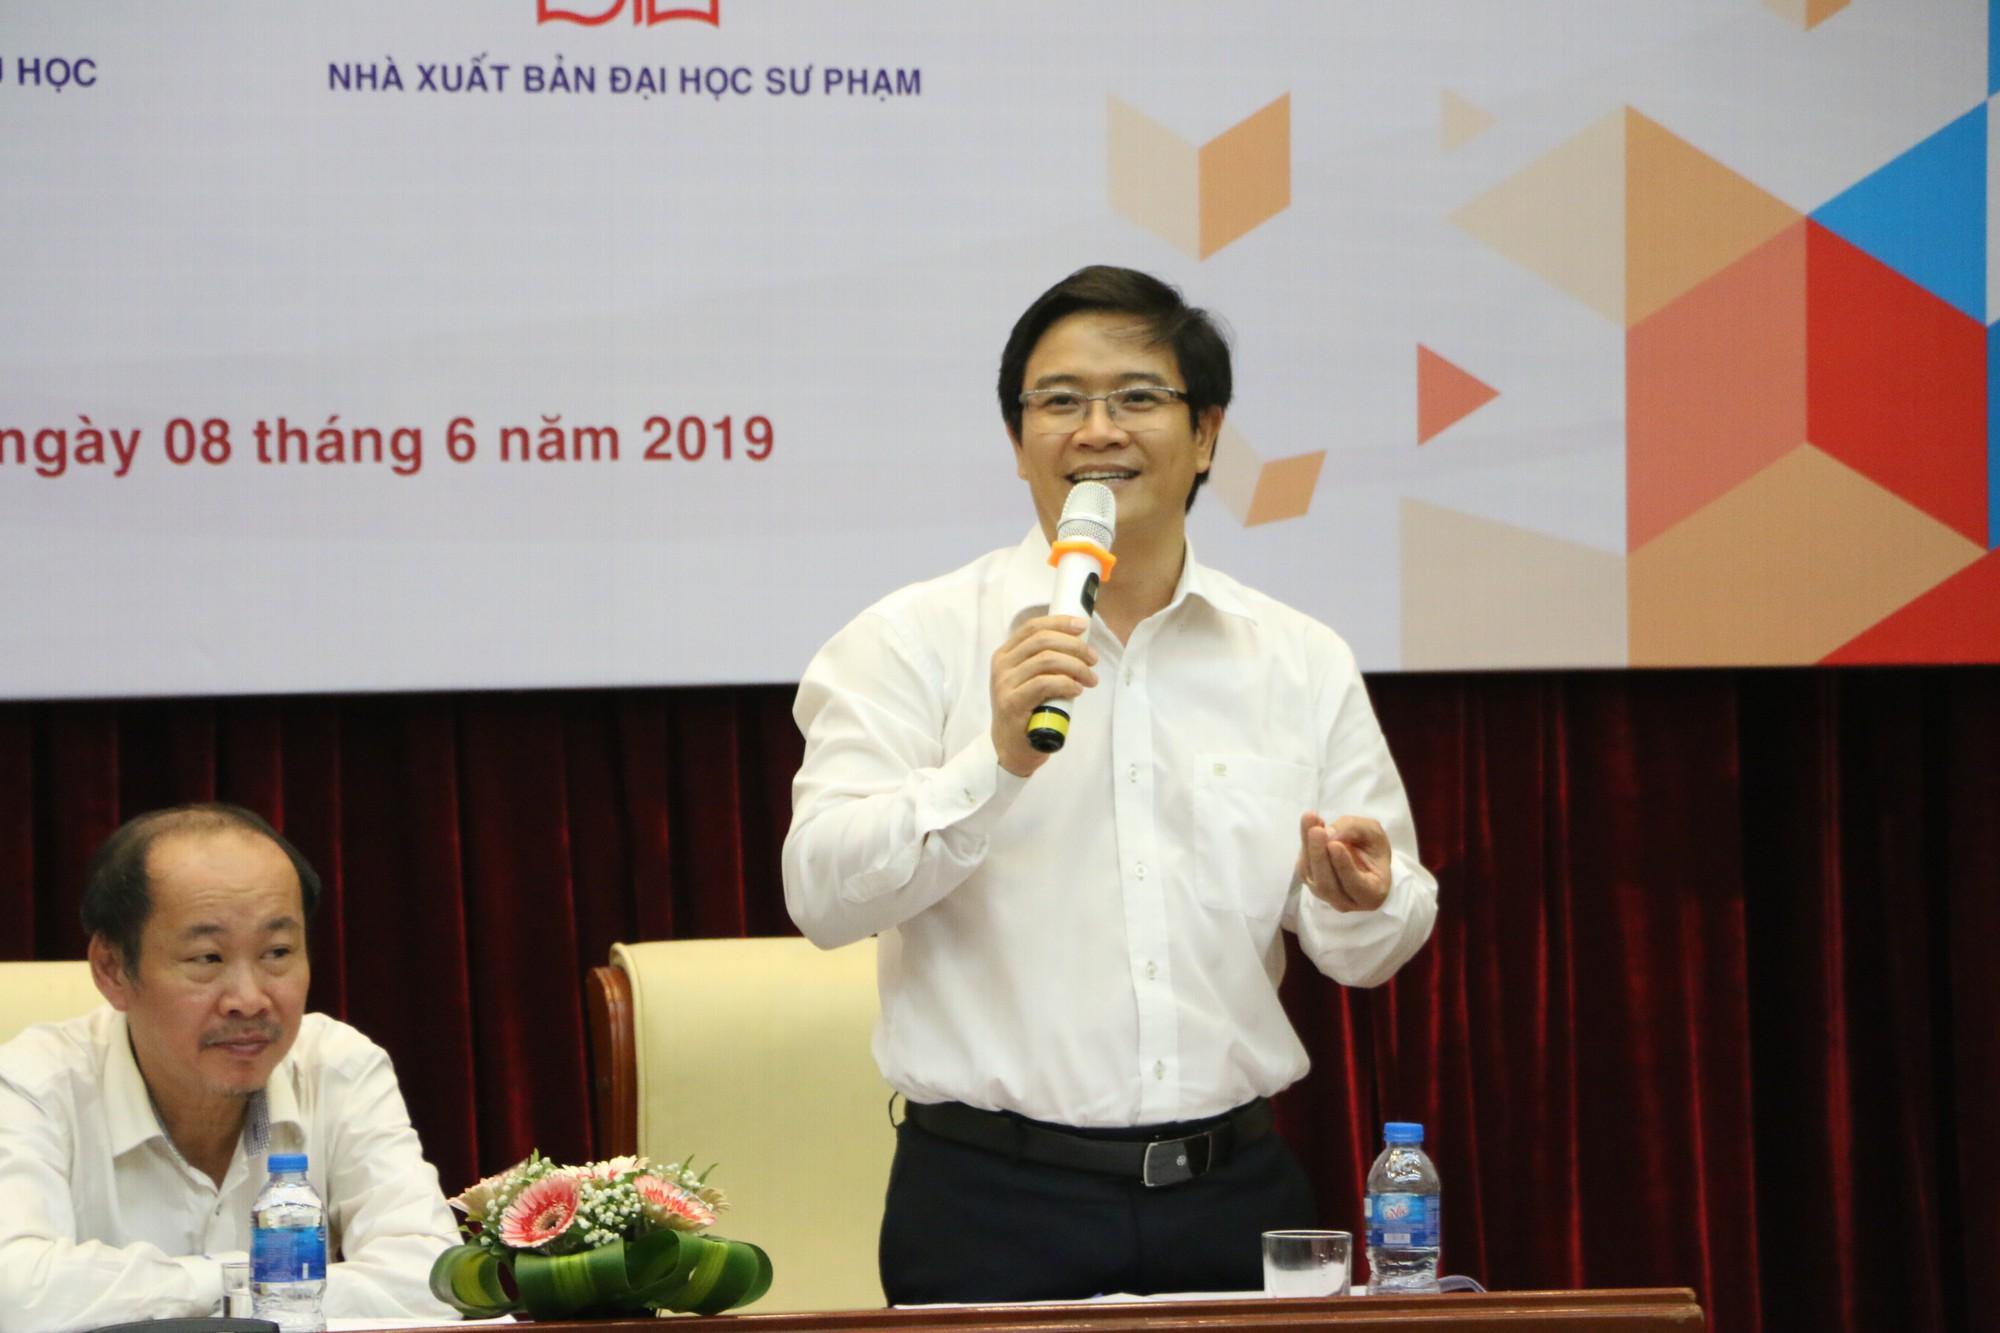 GS Nguyễn Minh Thuyết: Đã có 4 - 5 nhà xuất bản chuẩn bị sách giáo khoa cho chương trình GDPT mới - Ảnh 2.